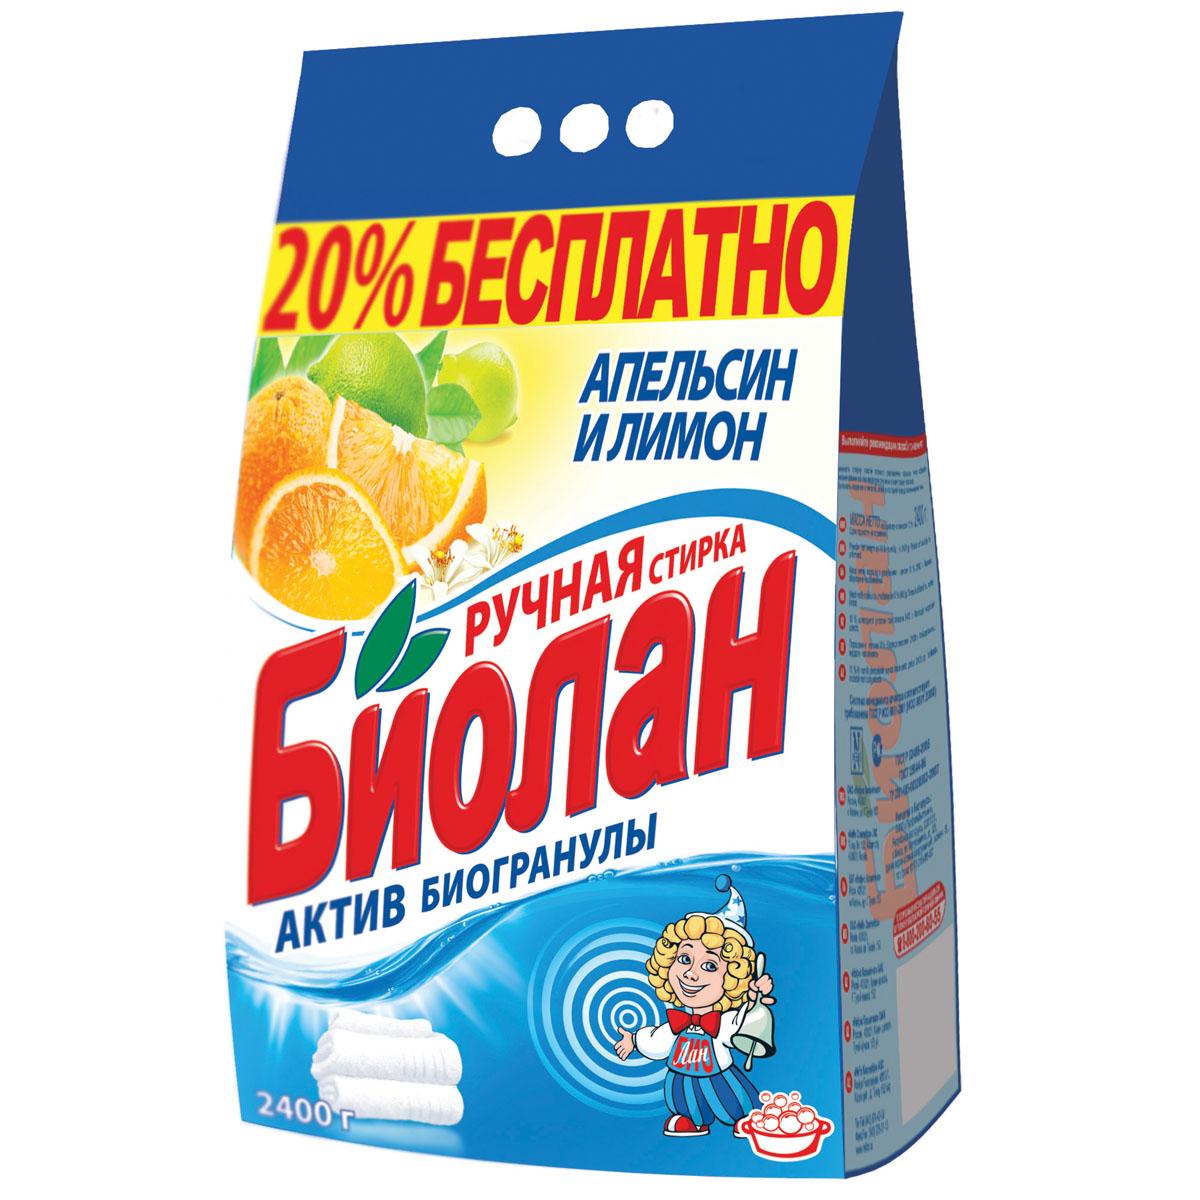 Стиральный порошок Биолан Апельсин и лимон, 2,4 кг57-4Стиральный порошок Биолан Апельсин и лимон предназначен для стирки, замачивания изделий из хлопчатобумажных, льняных, синтетических тканей, а также тканей из смешанных волокон в стиральных машинах активаторного типа и ручной стирки, для влажной уборки помещений и мытья загрязненных поверхностей из пластика и кафеля. Порошок не предназначен для стирки изделий из шерсти и натурального шелка.